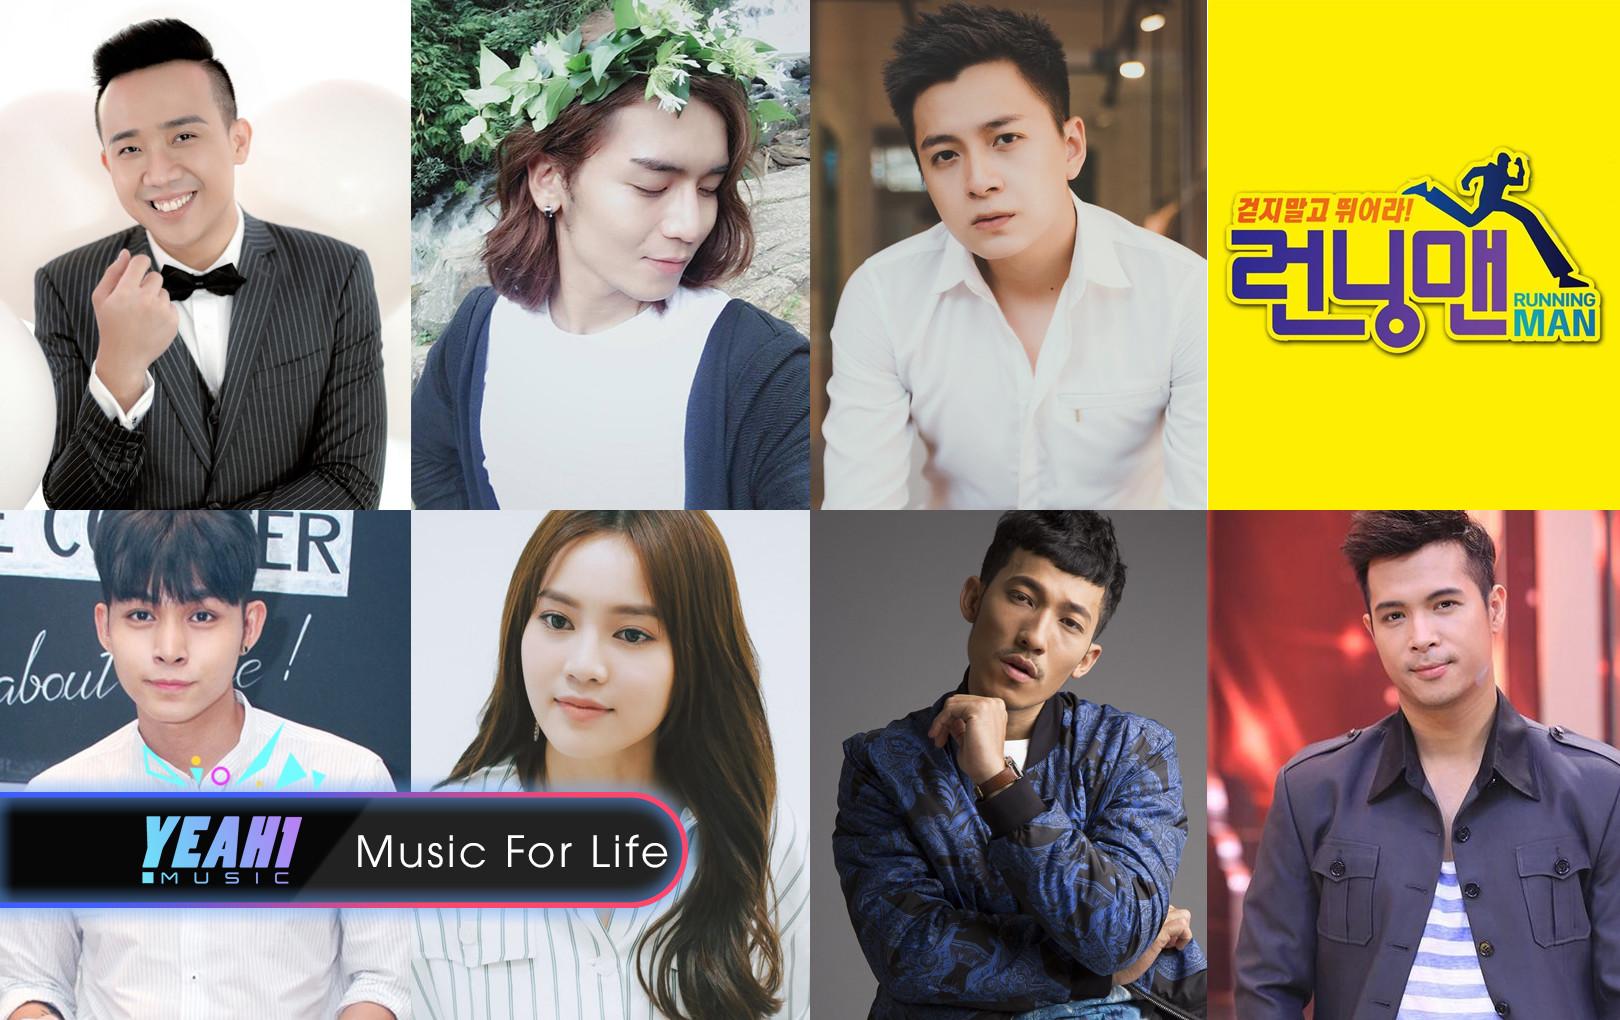 """Lộ diện dàn cast chính thức của Running man Việt Nam, CĐM """"ngả ngửa"""" vì quá khớp với của dàn cast phiên bản Hàn"""